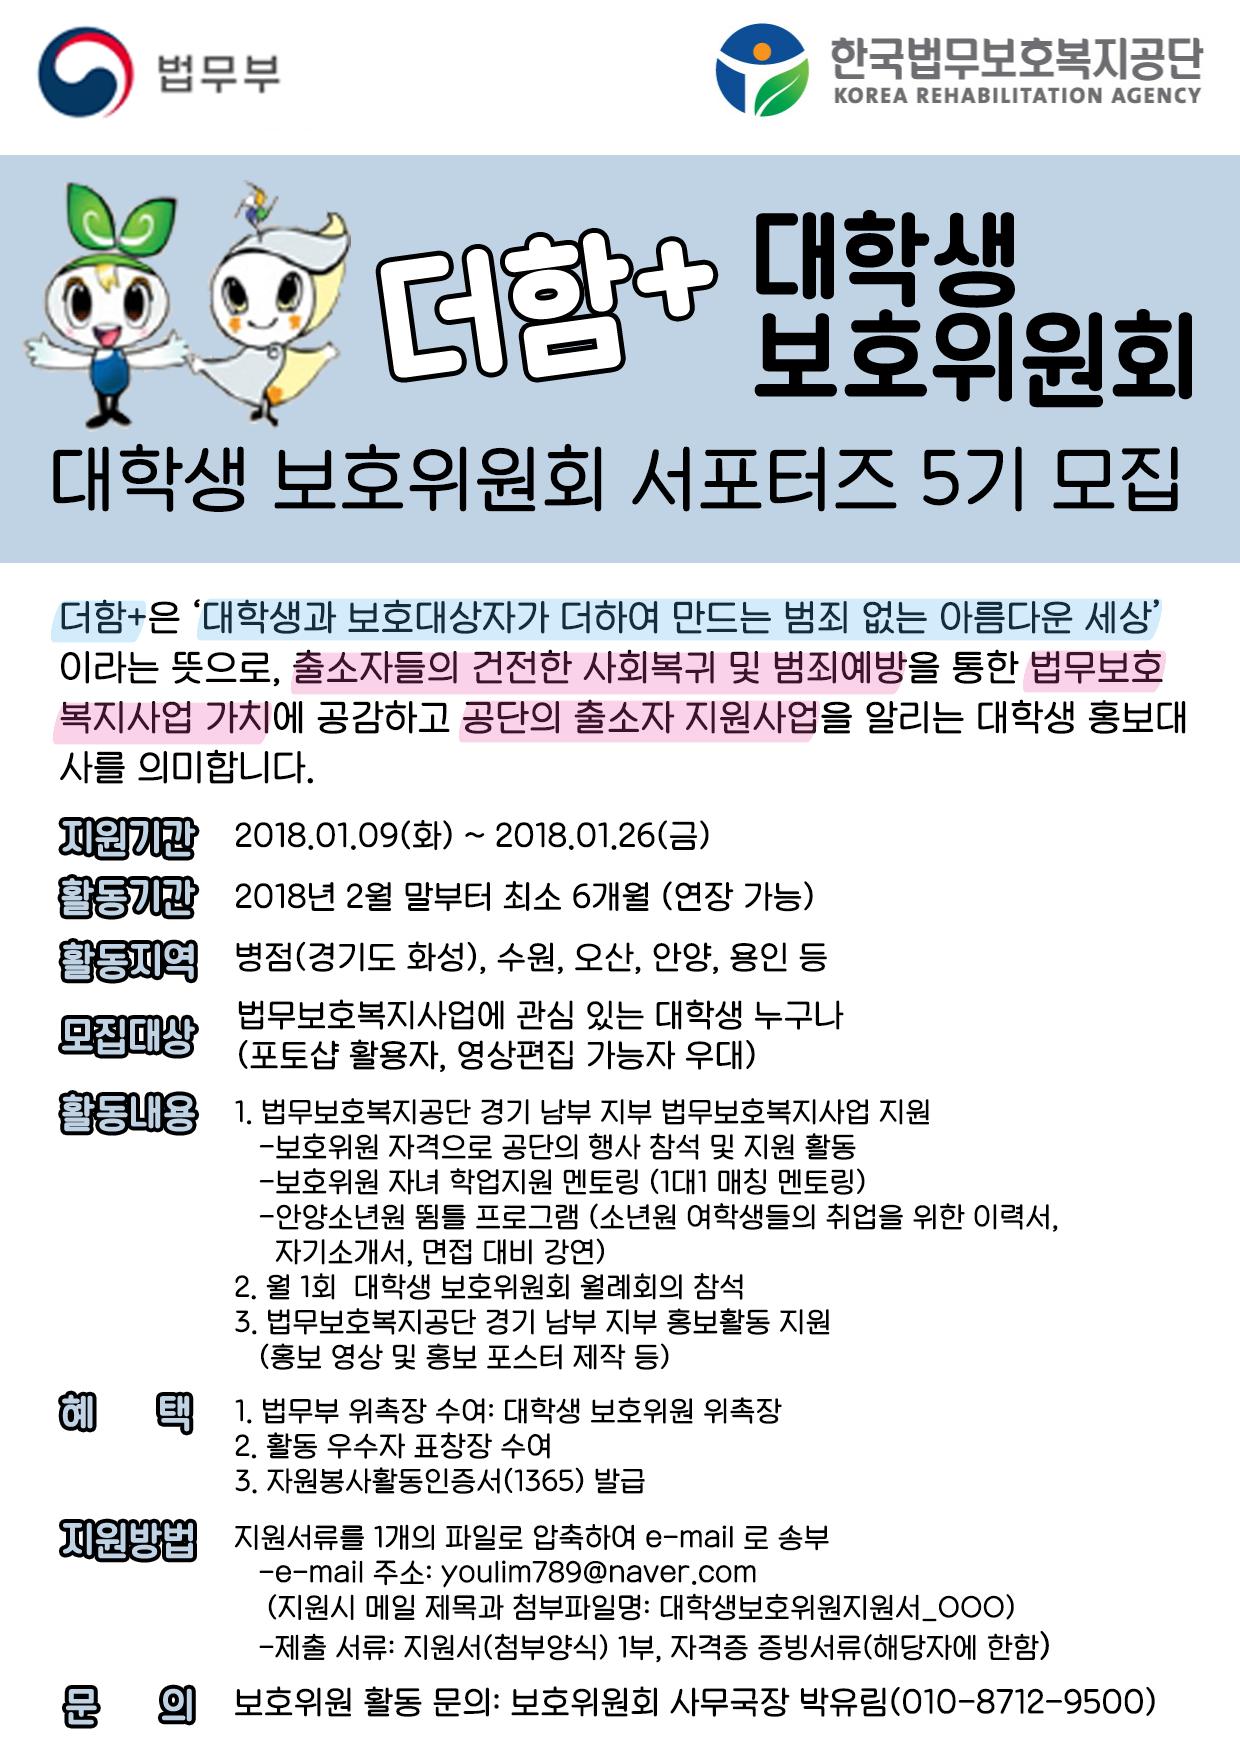 [한국법무보호복지공단] 더함+ 대학생보호위원회 서포터즈 5기를 모집합니다!